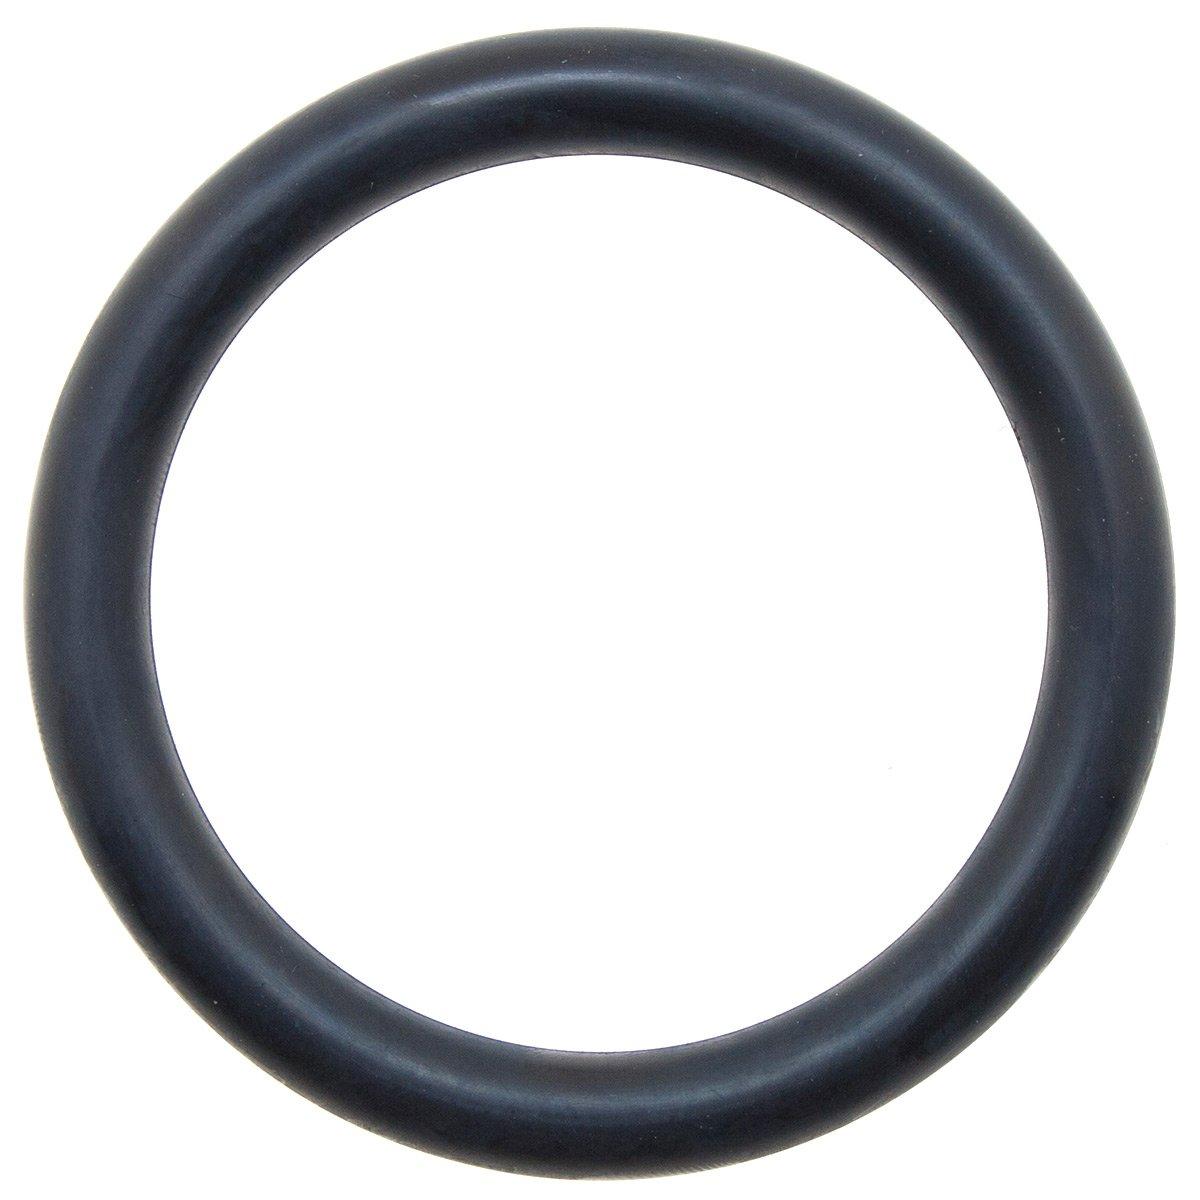 Dichtringe / O-Ringe 22 x 3 mm NBR 70, Menge 4 Stü ck Diehr & Rabenstein